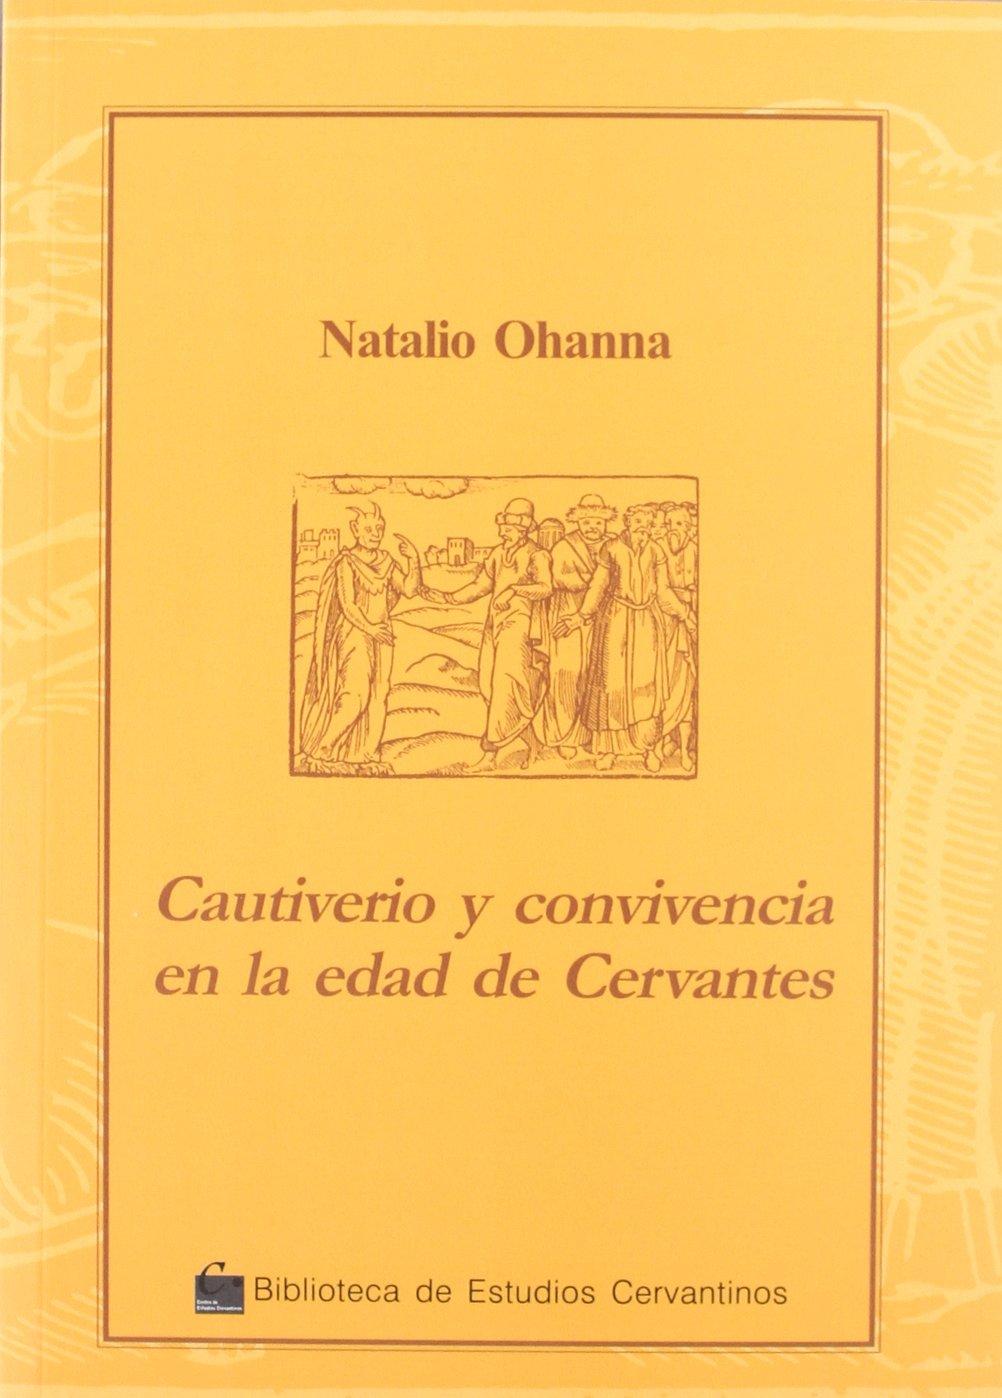 Cautiverio y convivencia en la edad de Cervantes